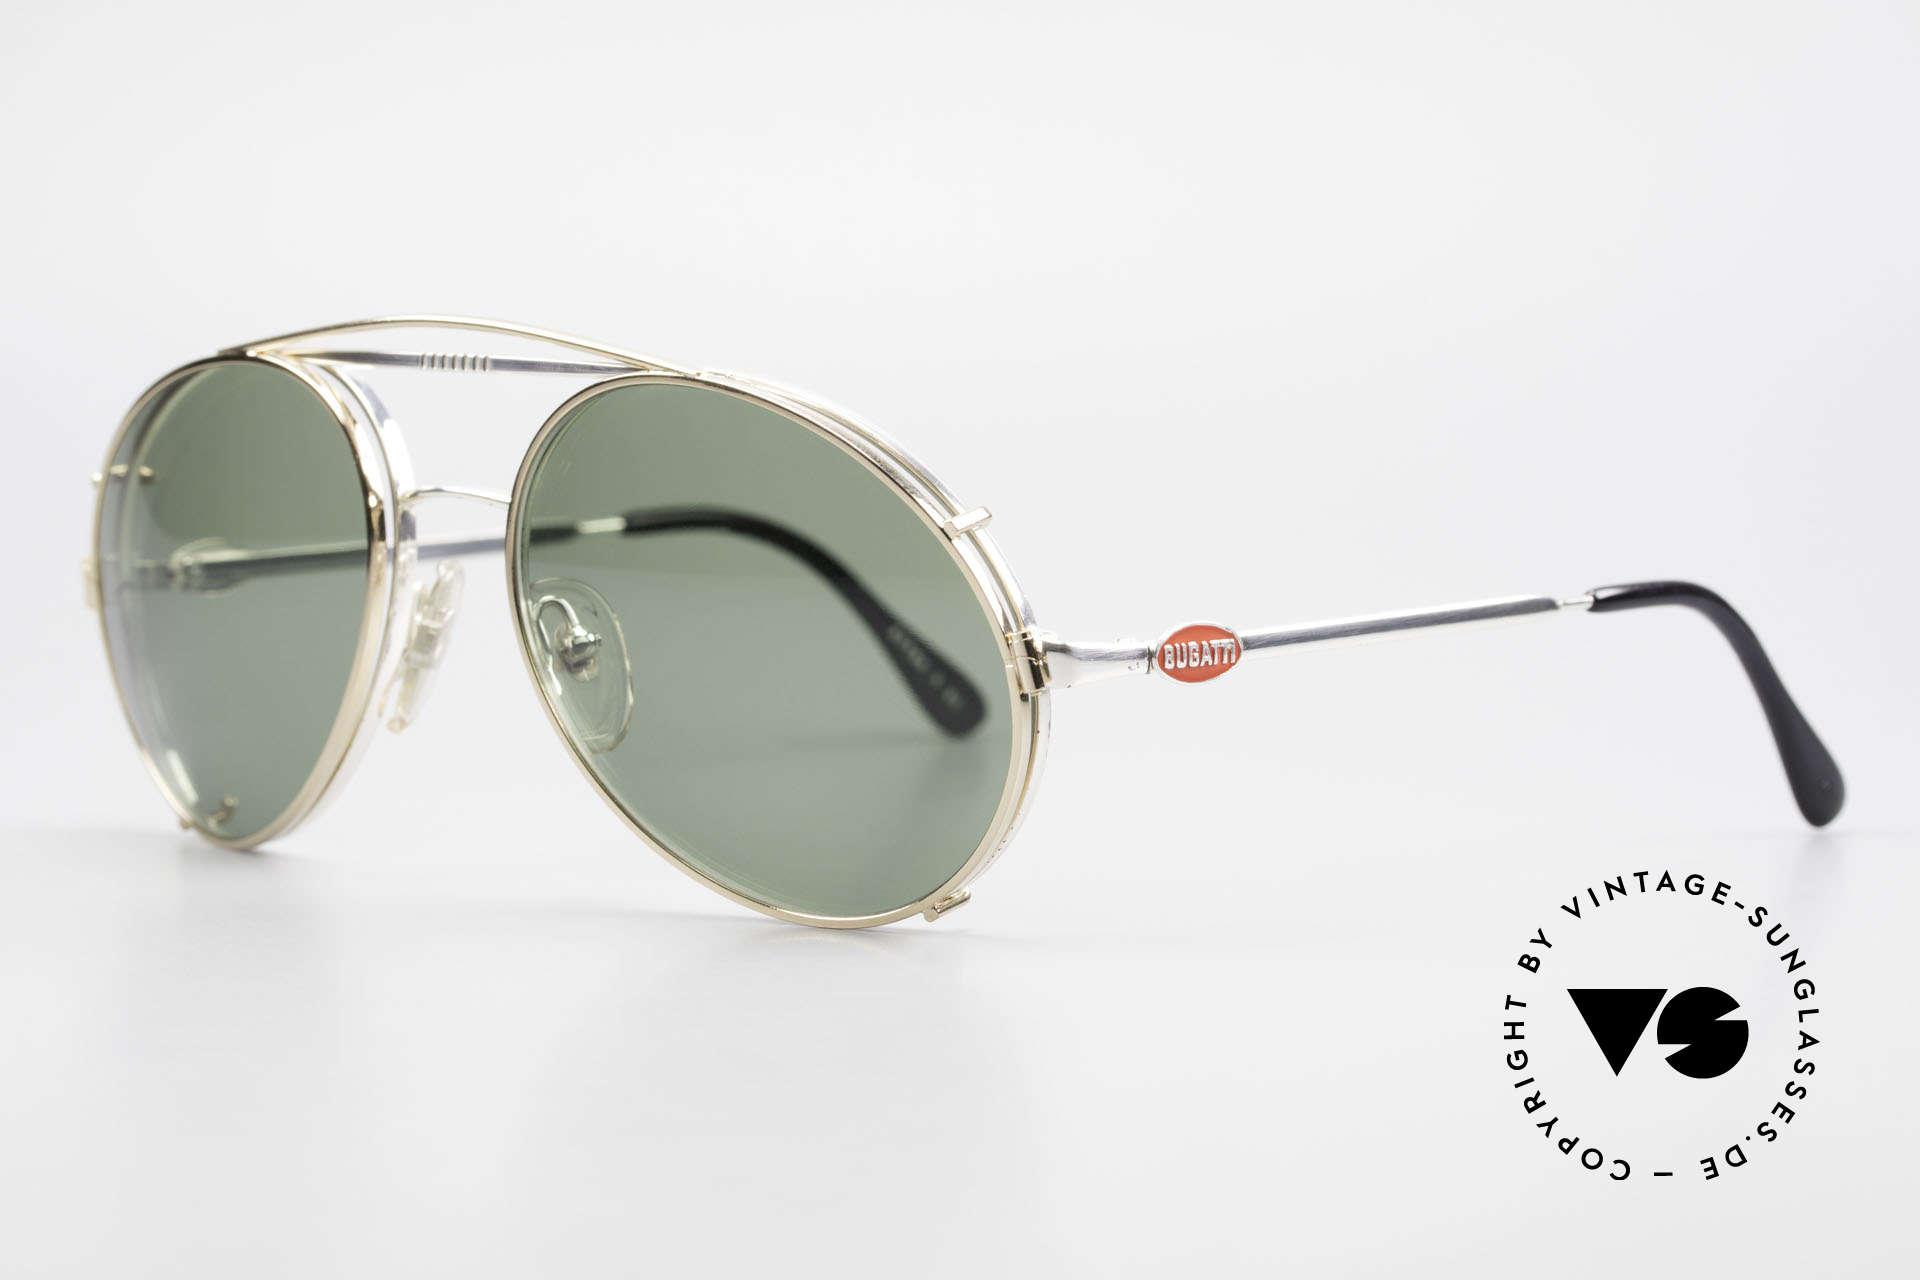 Bugatti 65996 Vintage 80er Brille Mit Clip On, VINTAGE Gestell mit praktischem Sonnen-Clip, Passend für Herren